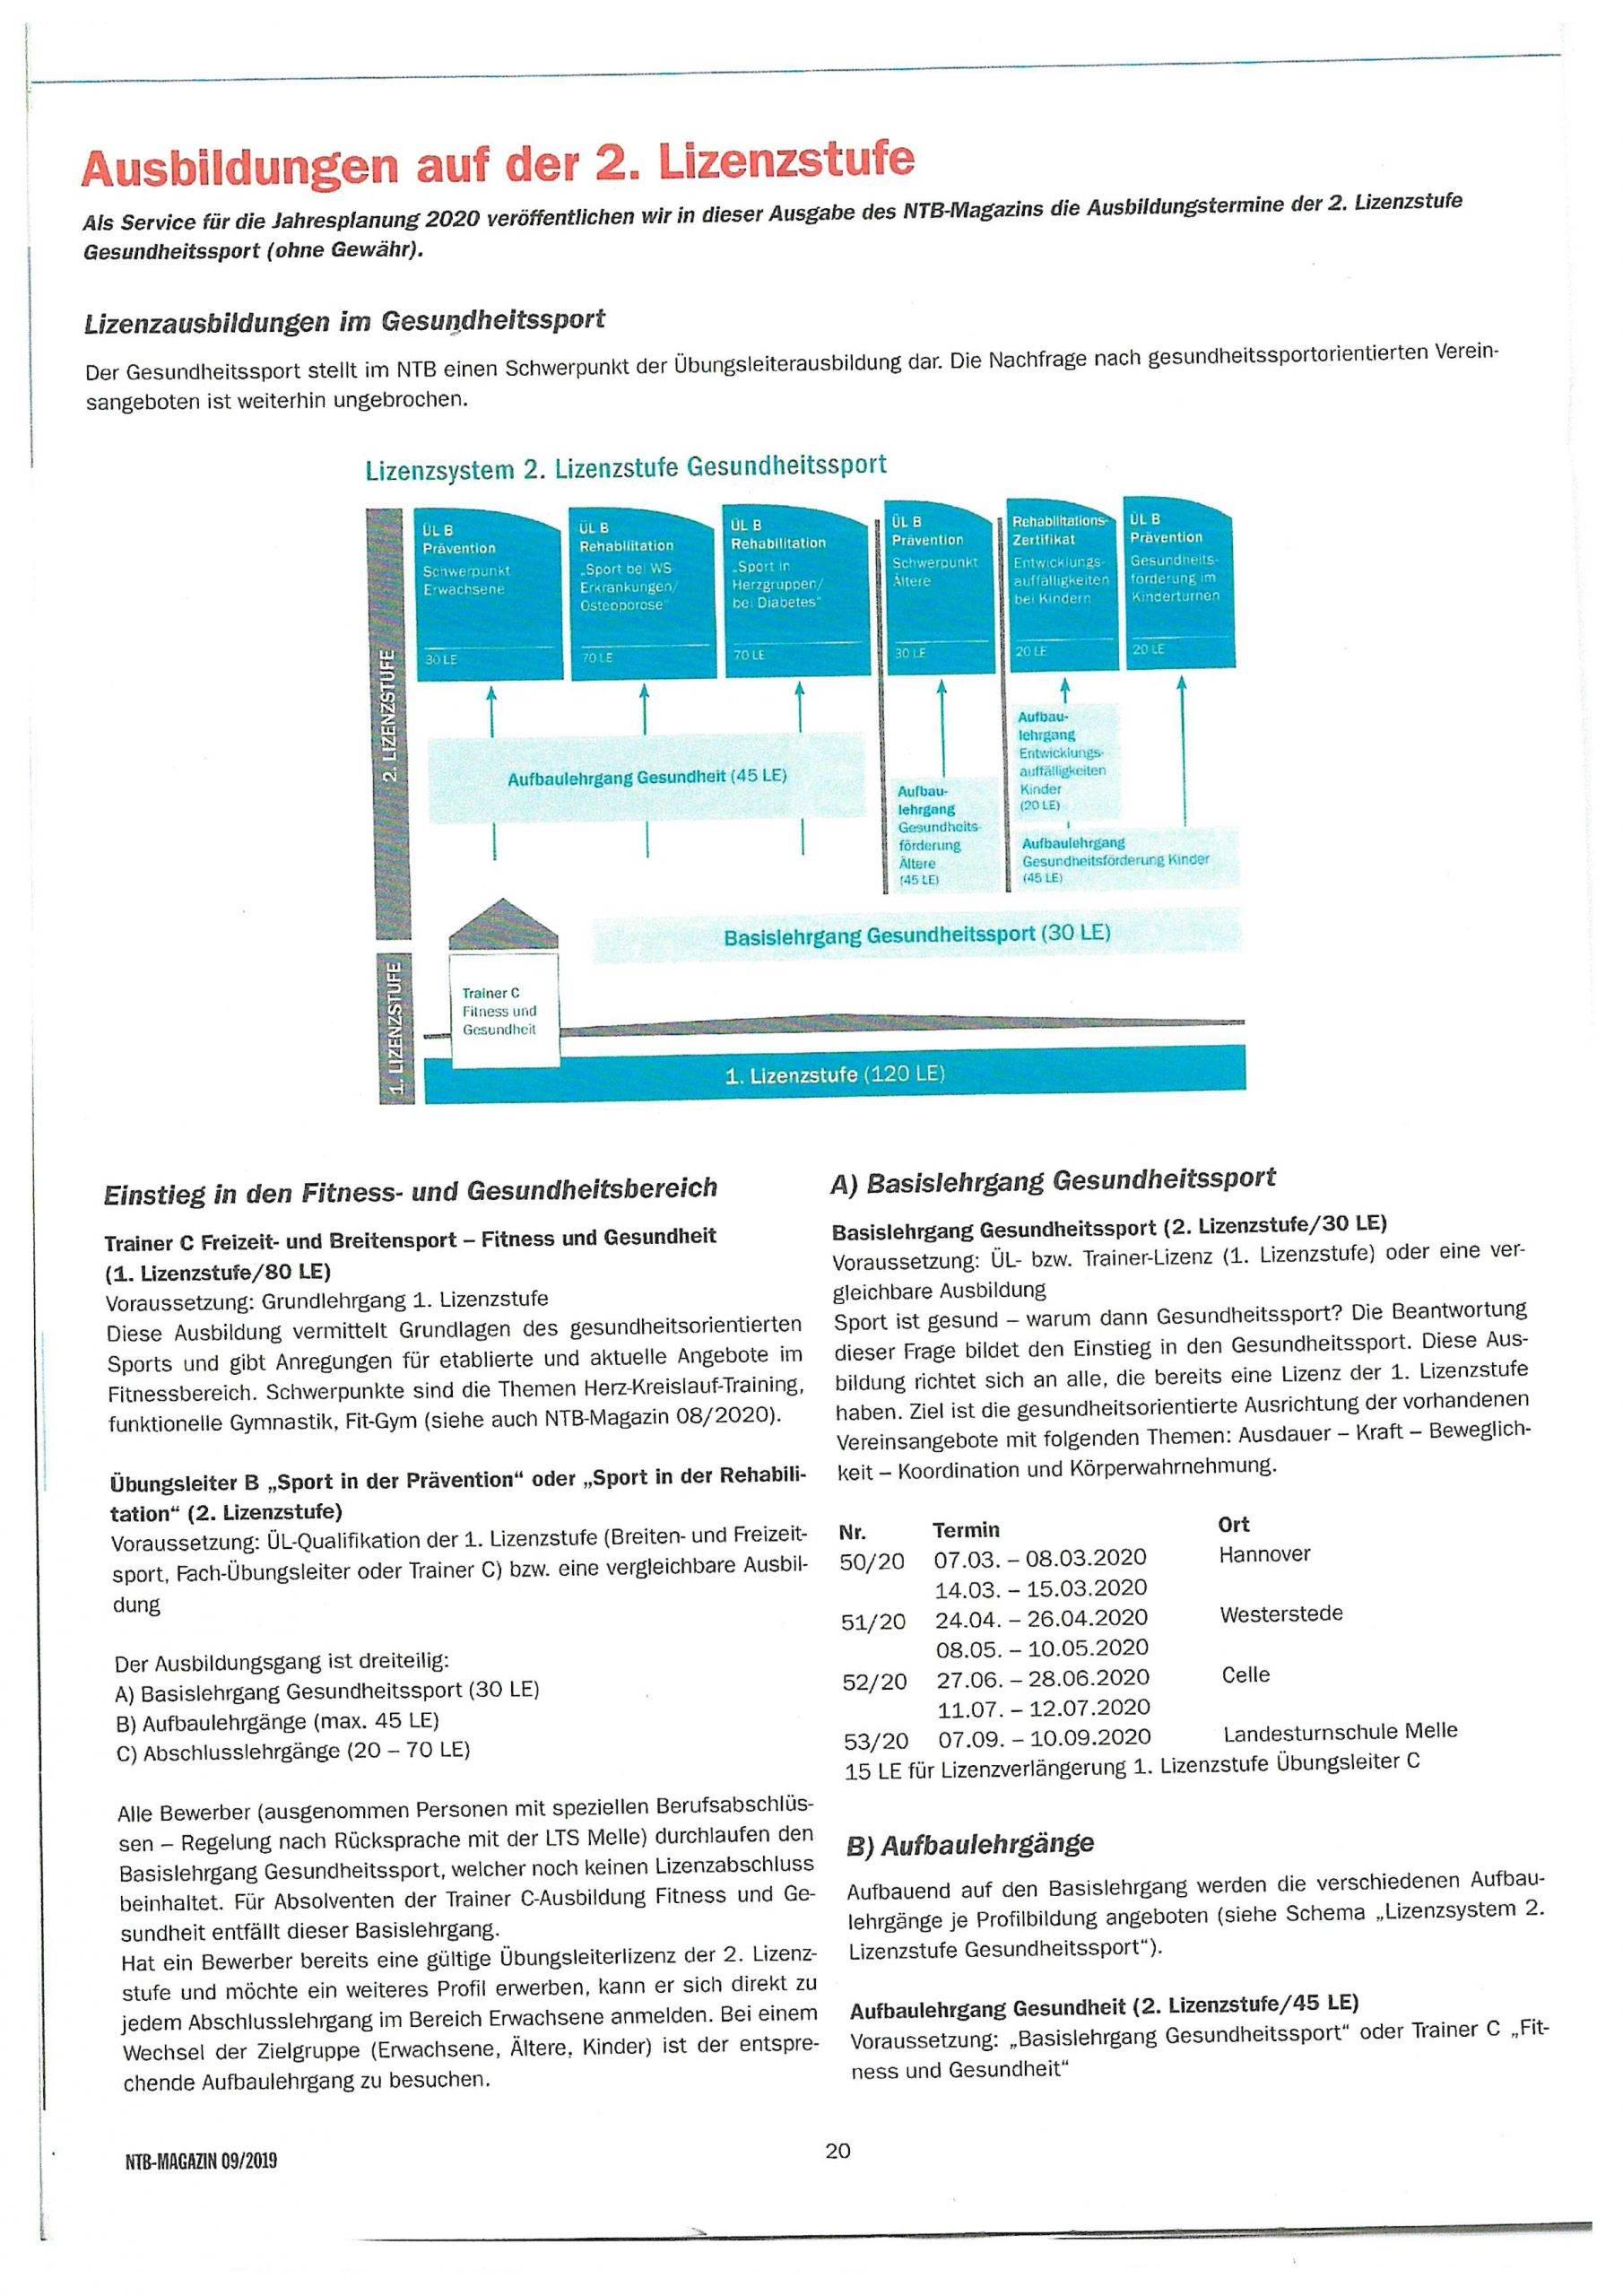 rautenstrauch_c_2020-01-20_08-08-51